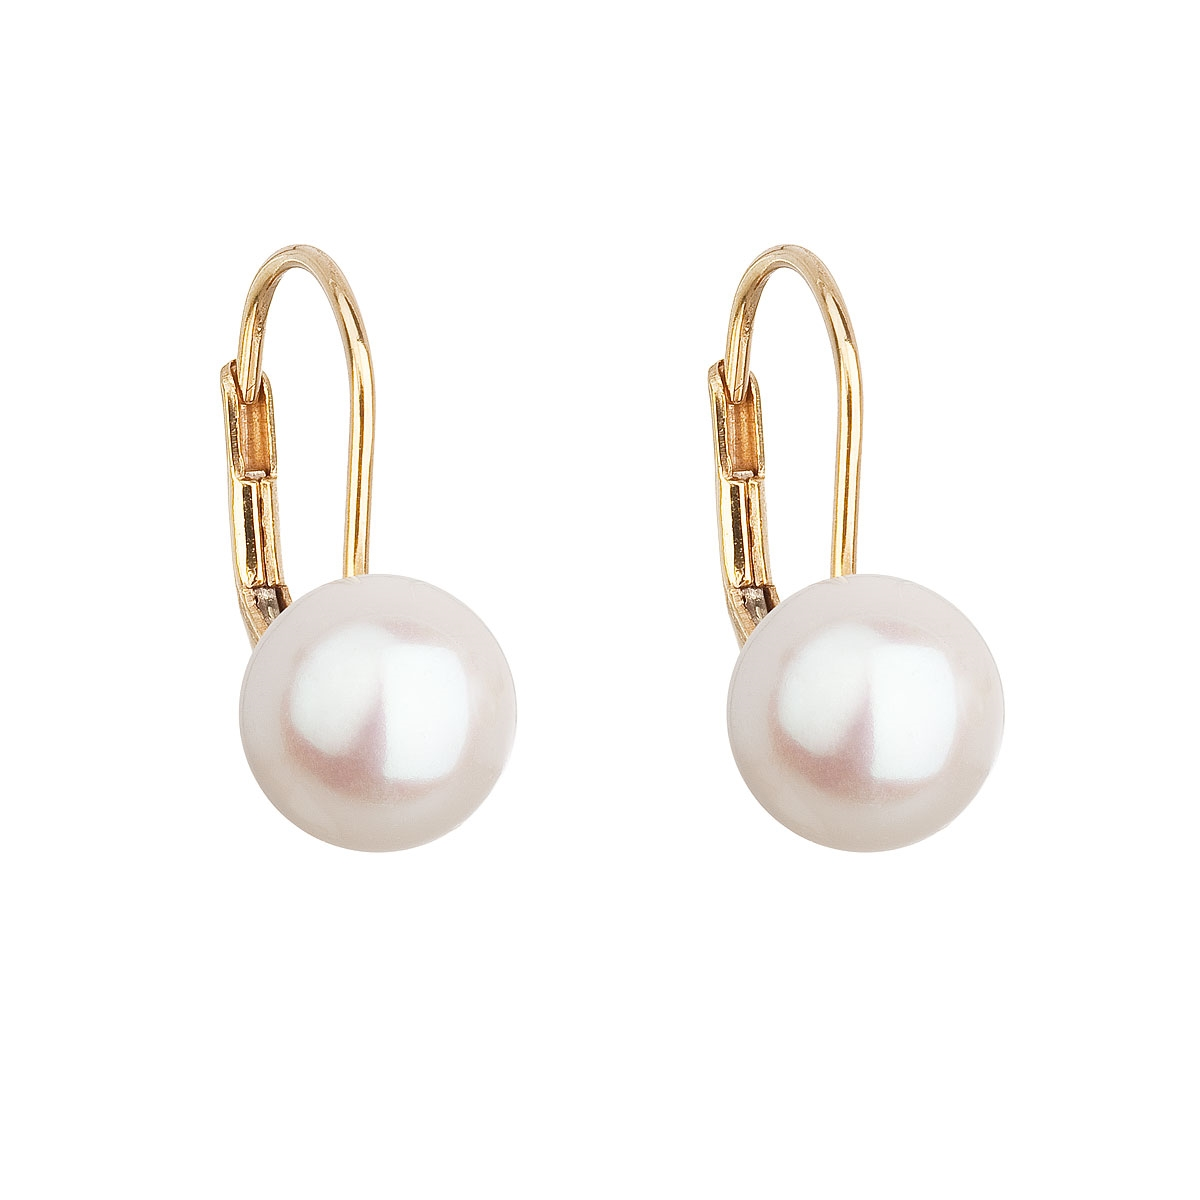 Zlaté 14ti karátové náušnice s bílou říční perlou EGZ002-WH